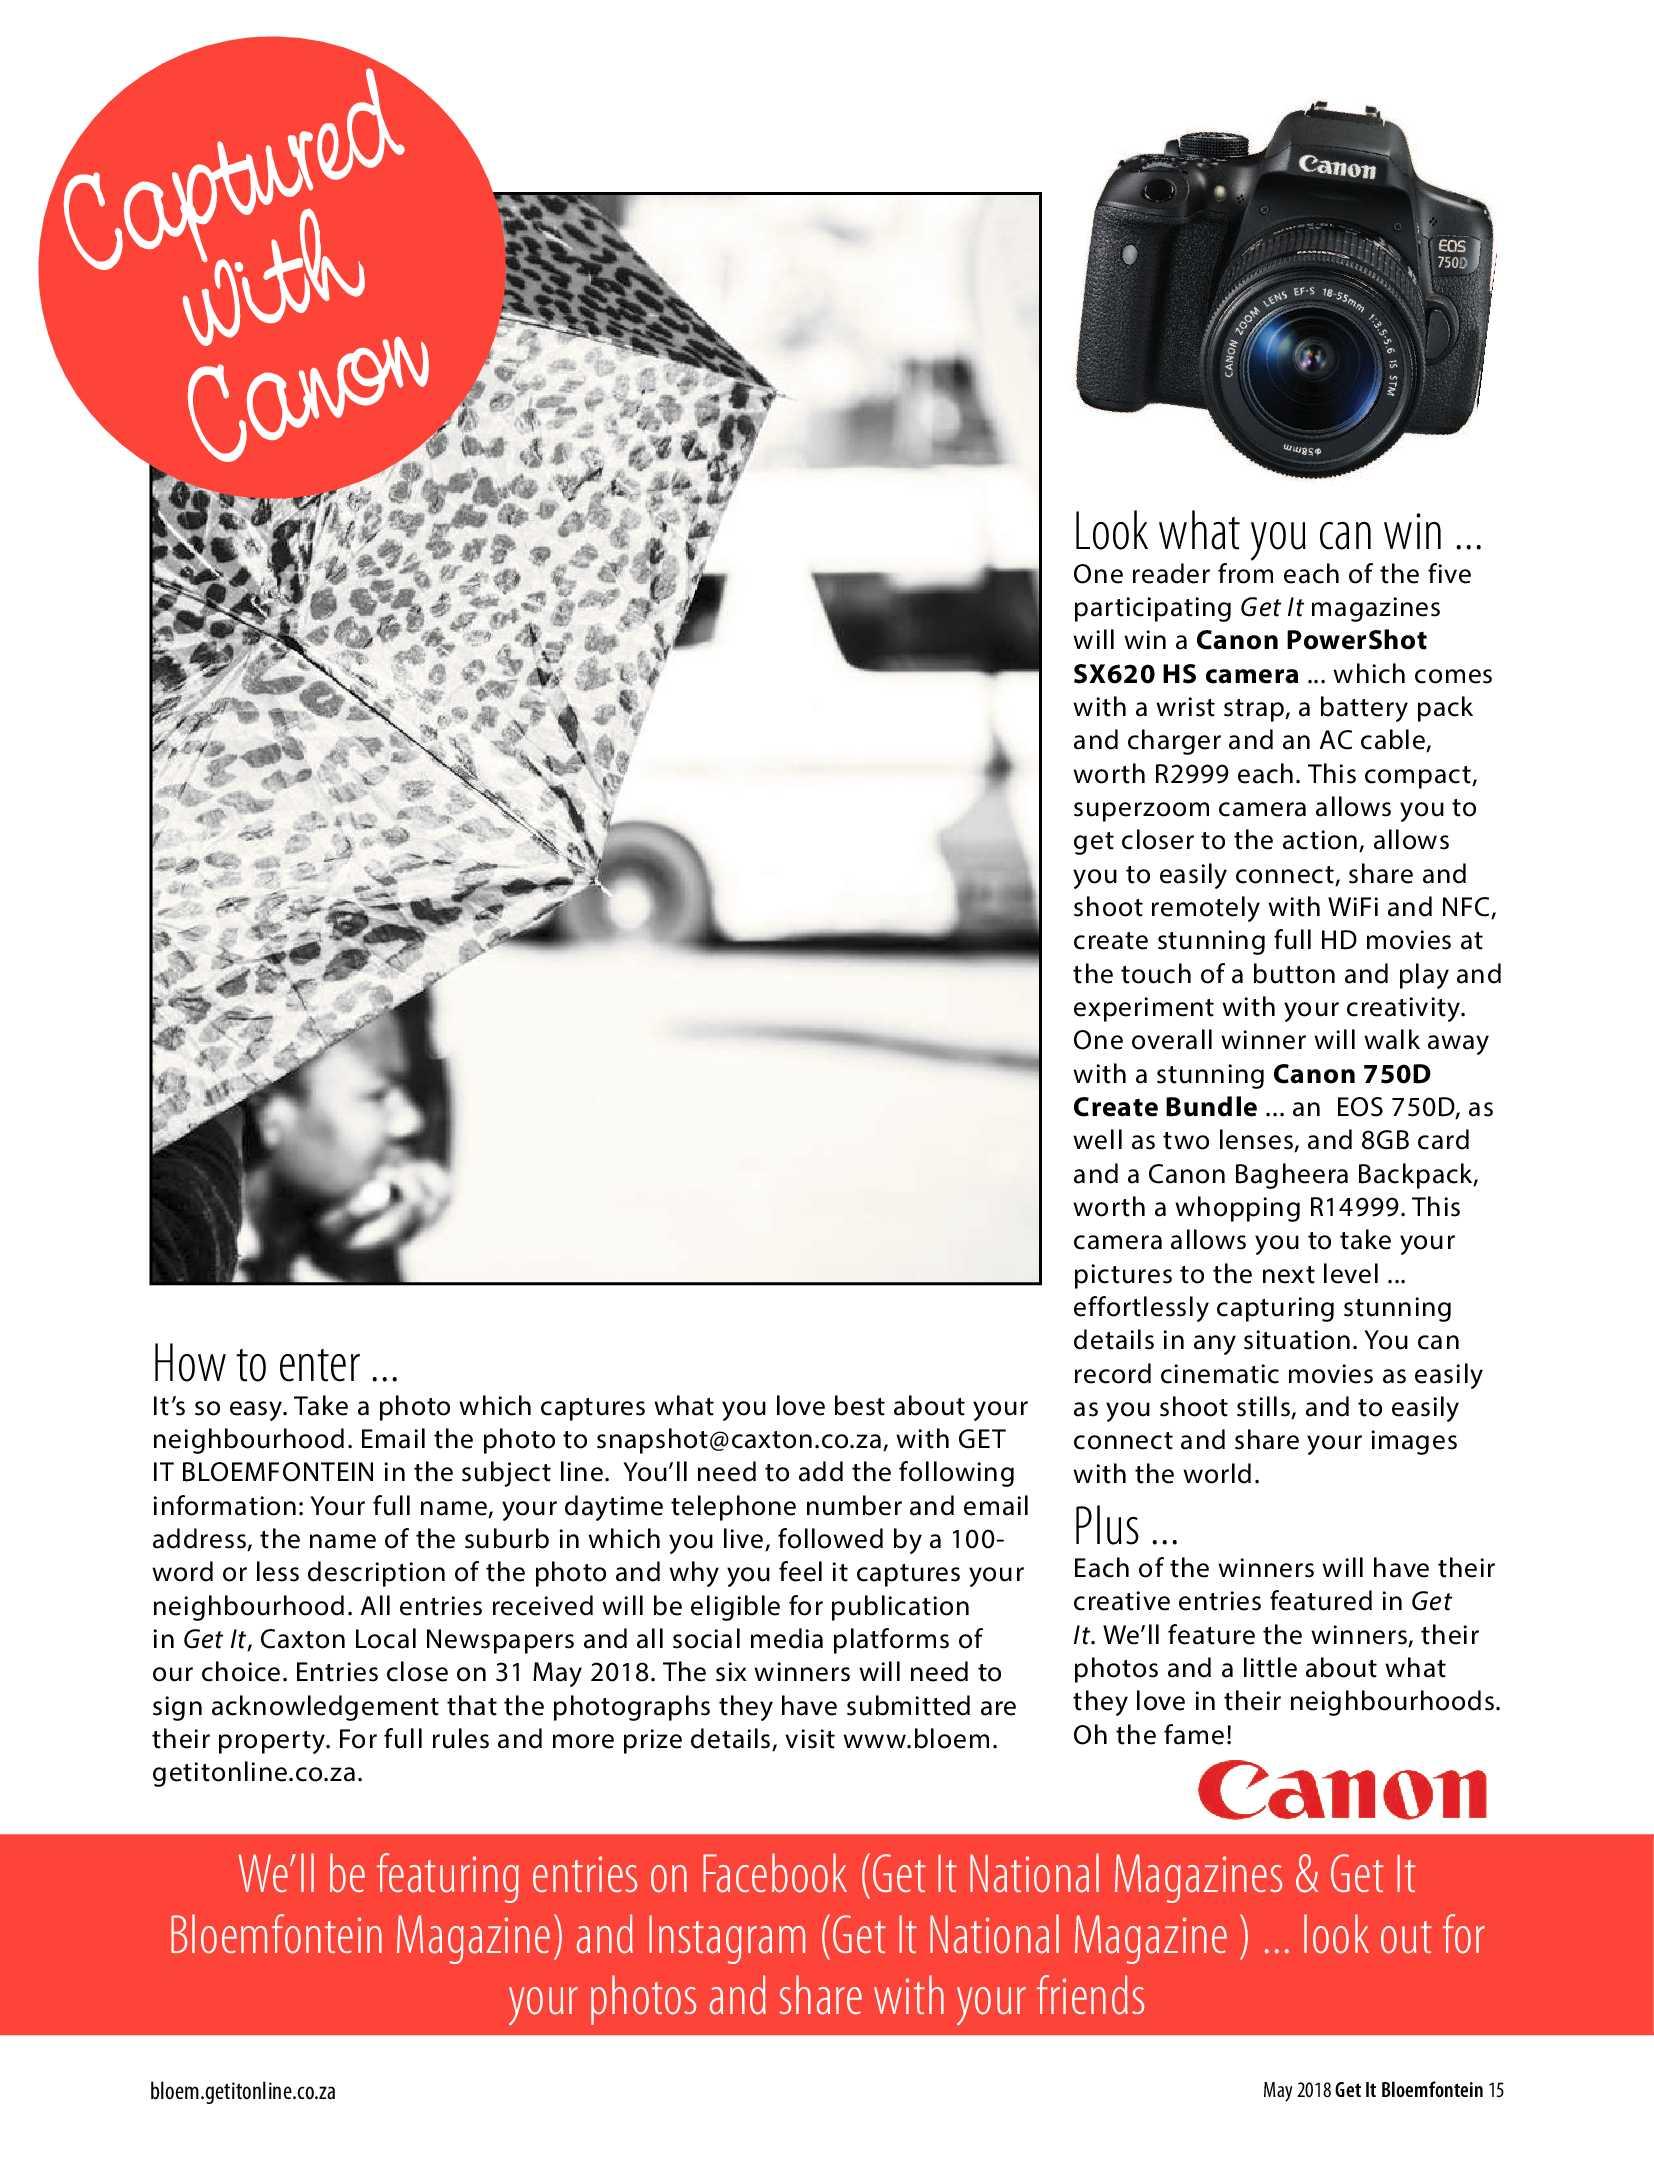 bloemfontein-get-may-2018-epapers-page-17